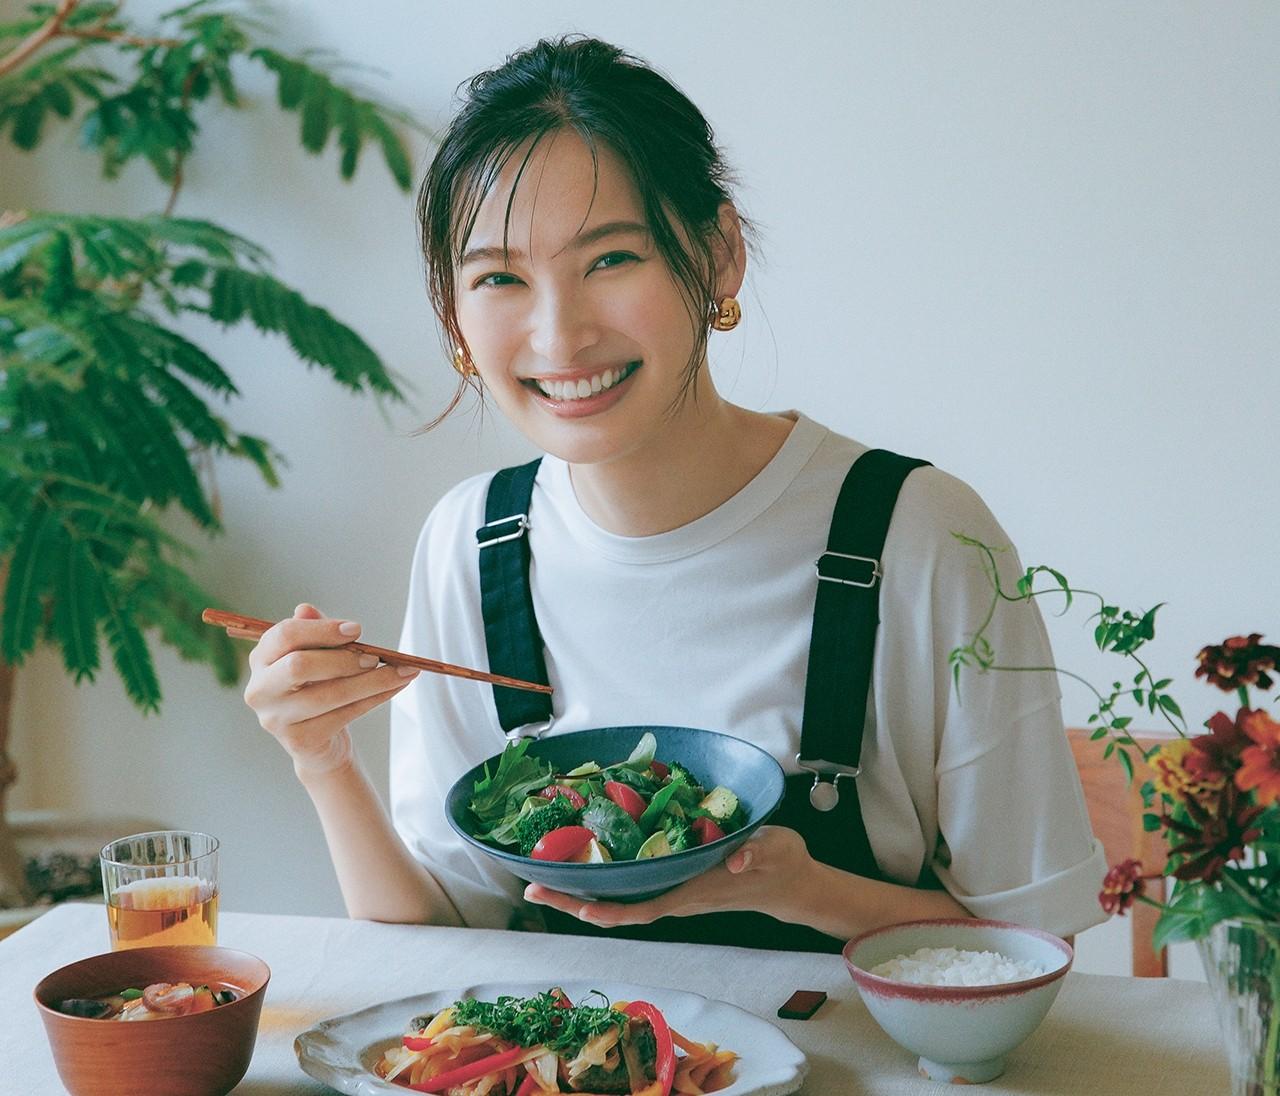 【大政絢】「絢ごはん」が大人気!体の内側からきれいになる3レシピを公開♡